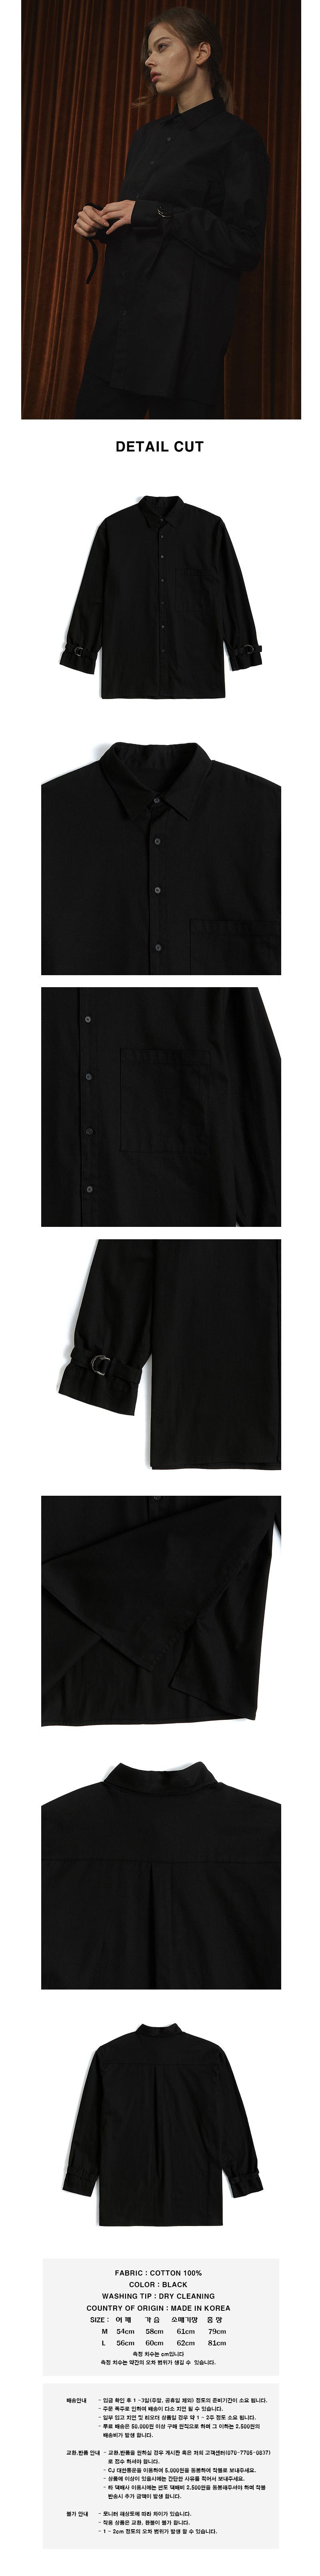 코케트 스튜디오(COQUET STUDIO) UNISEX TRENCH DETAIL SHIRT BLACK